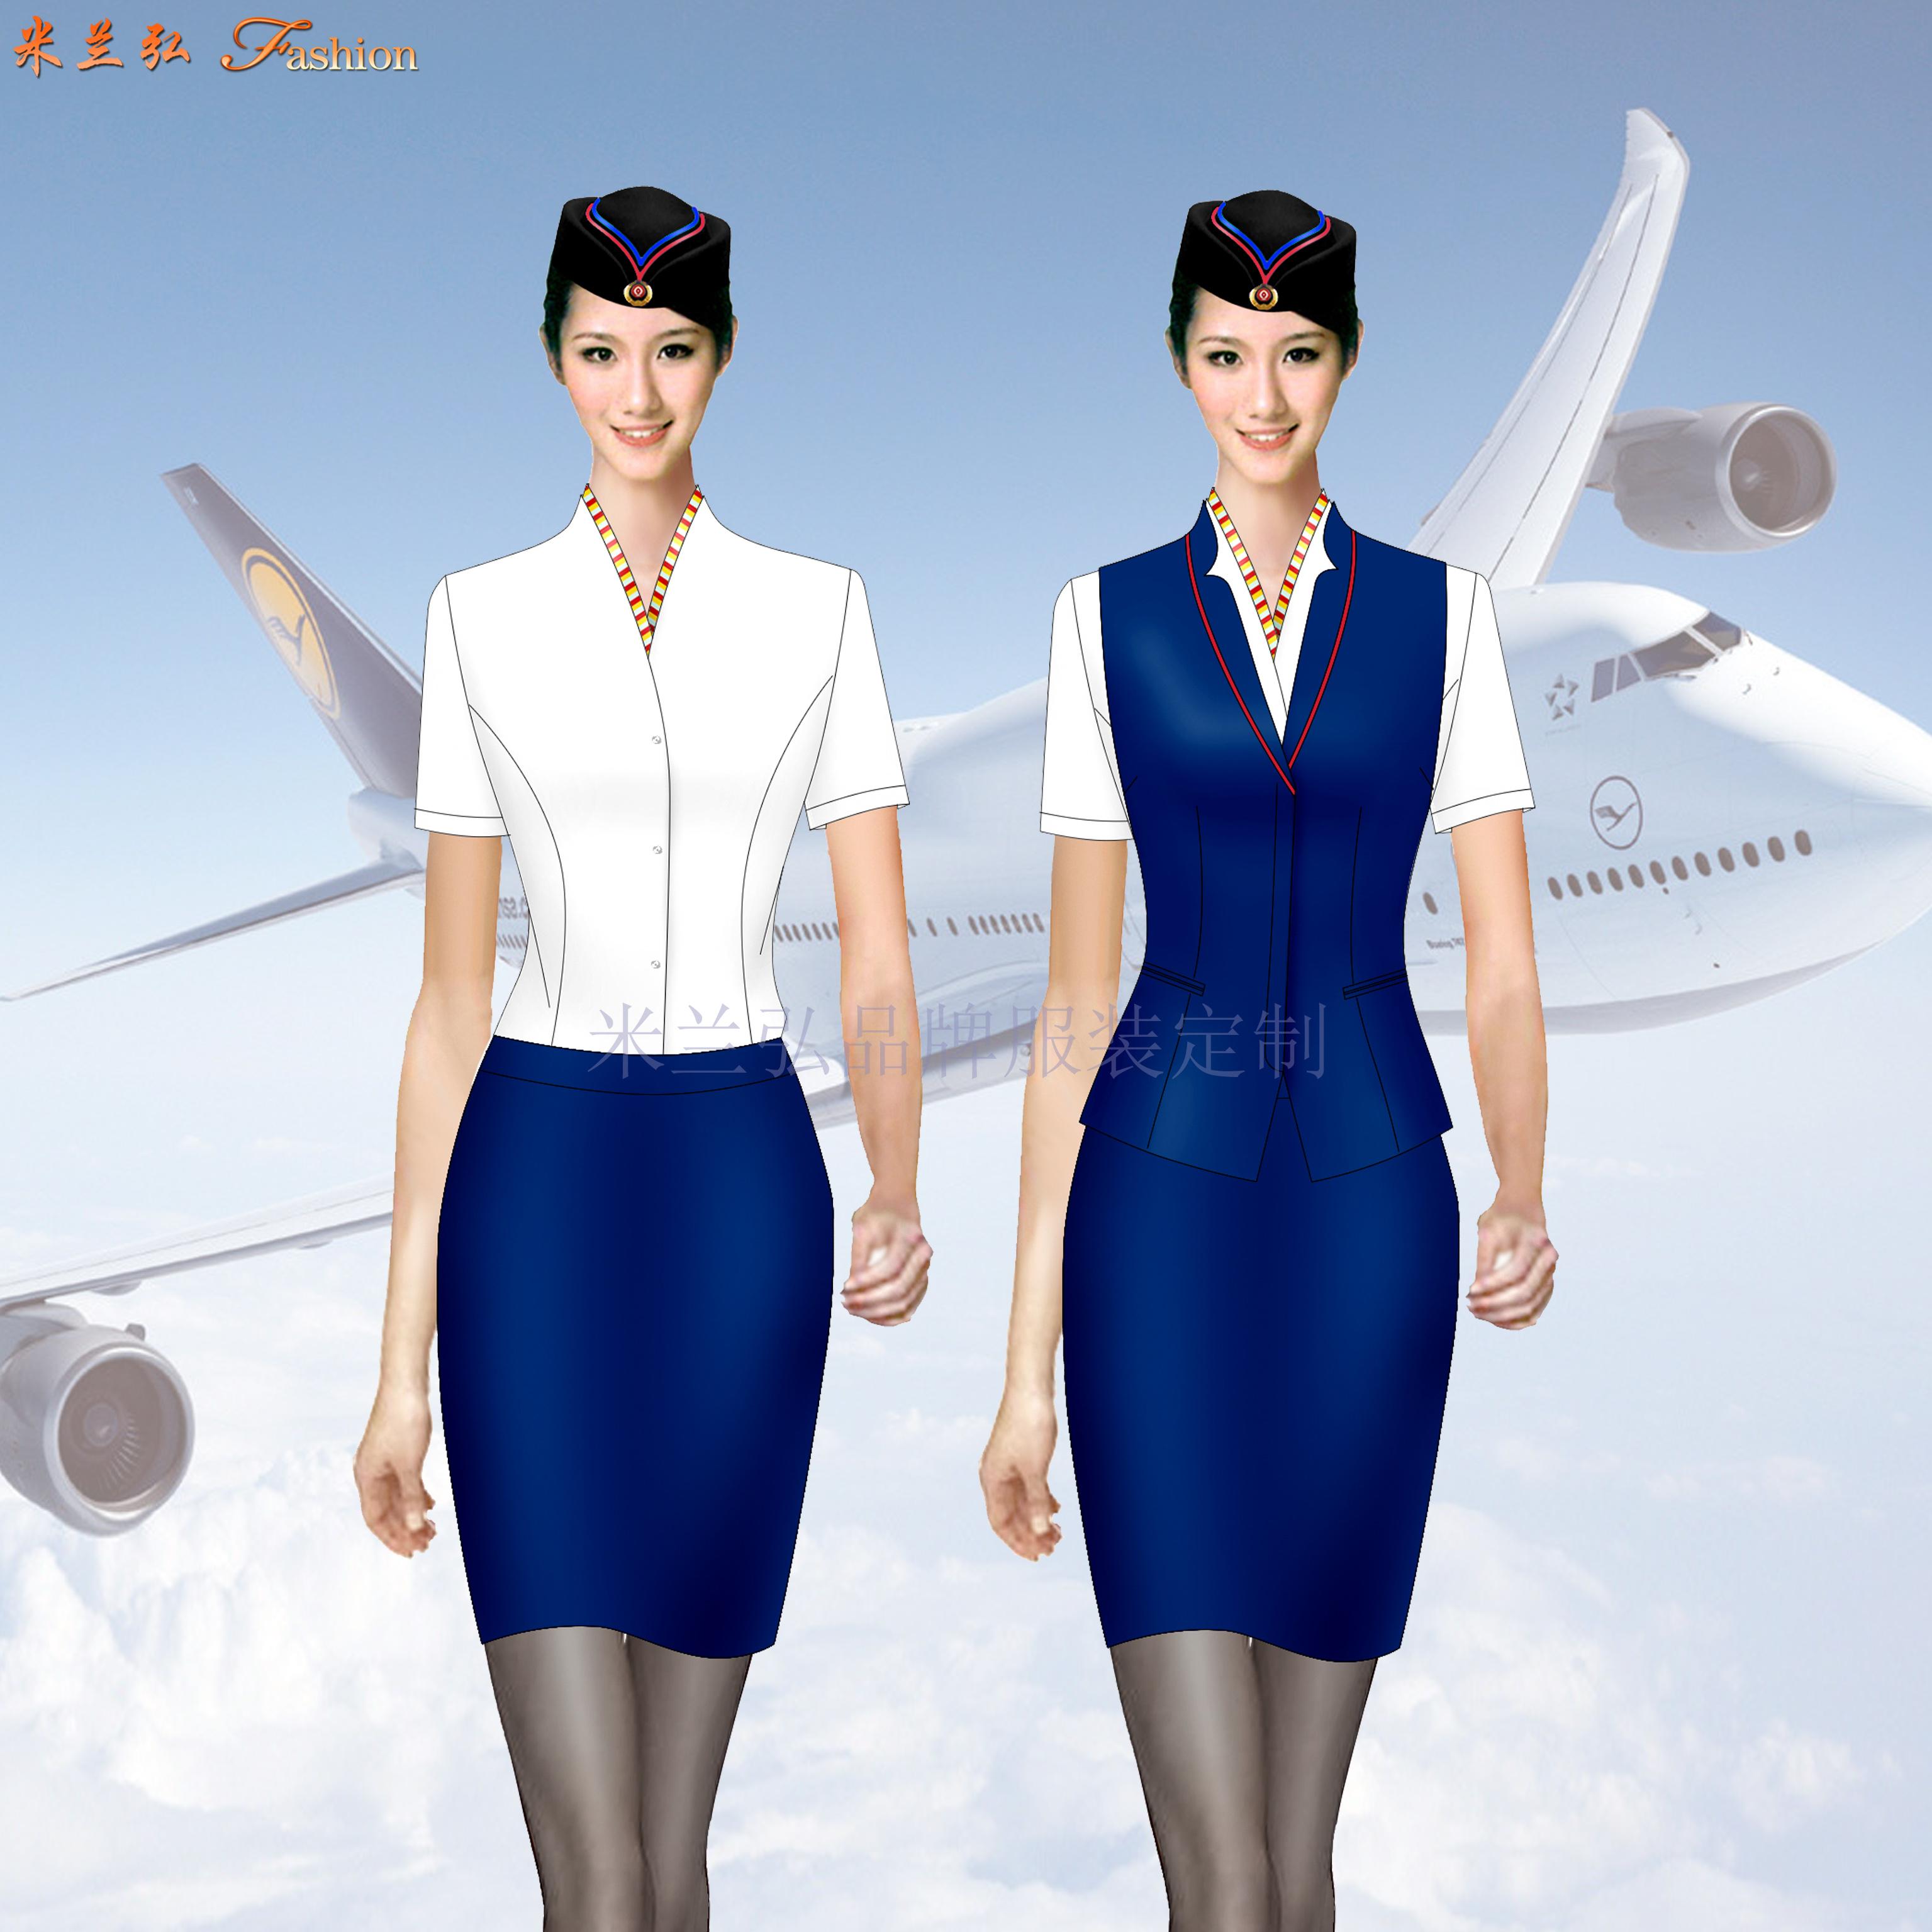 空姐服裝短袖夏裝圖片_空姐服裝夏季套裝定做-米蘭弘廠家-3